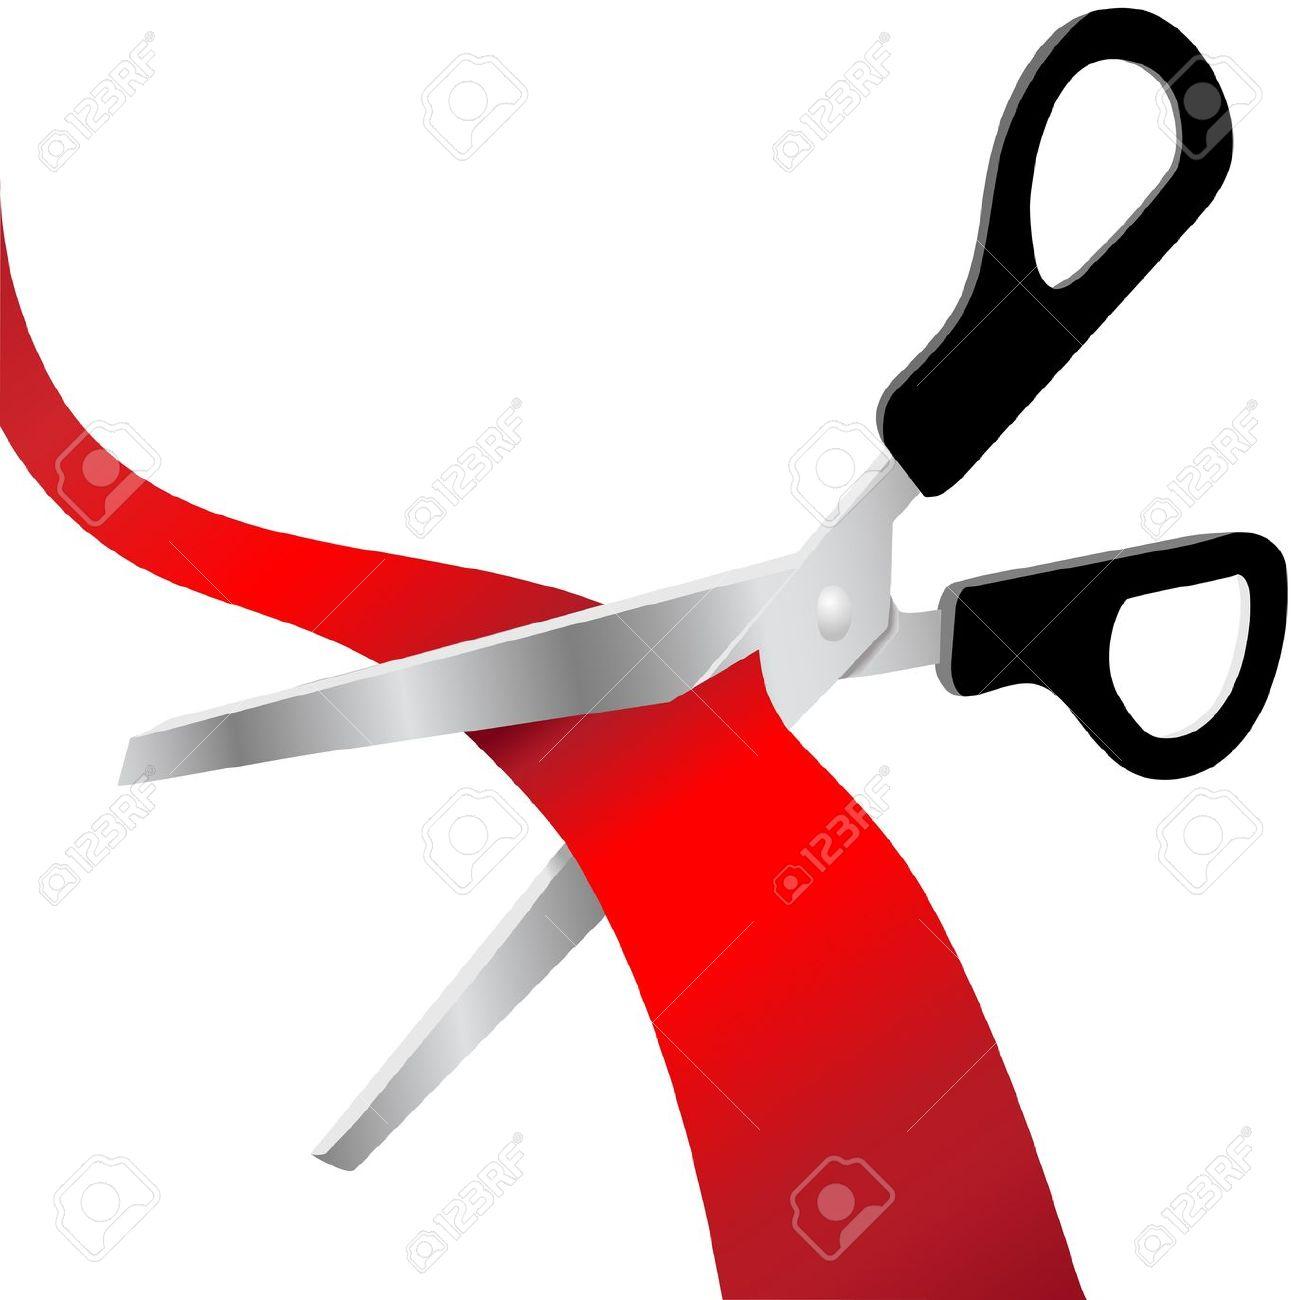 12498085-Paire-de-ciseaux-couper-un-ruban-inauguration-ou-du-ruban-rouge-Banque-d_images-1462817196.jpg